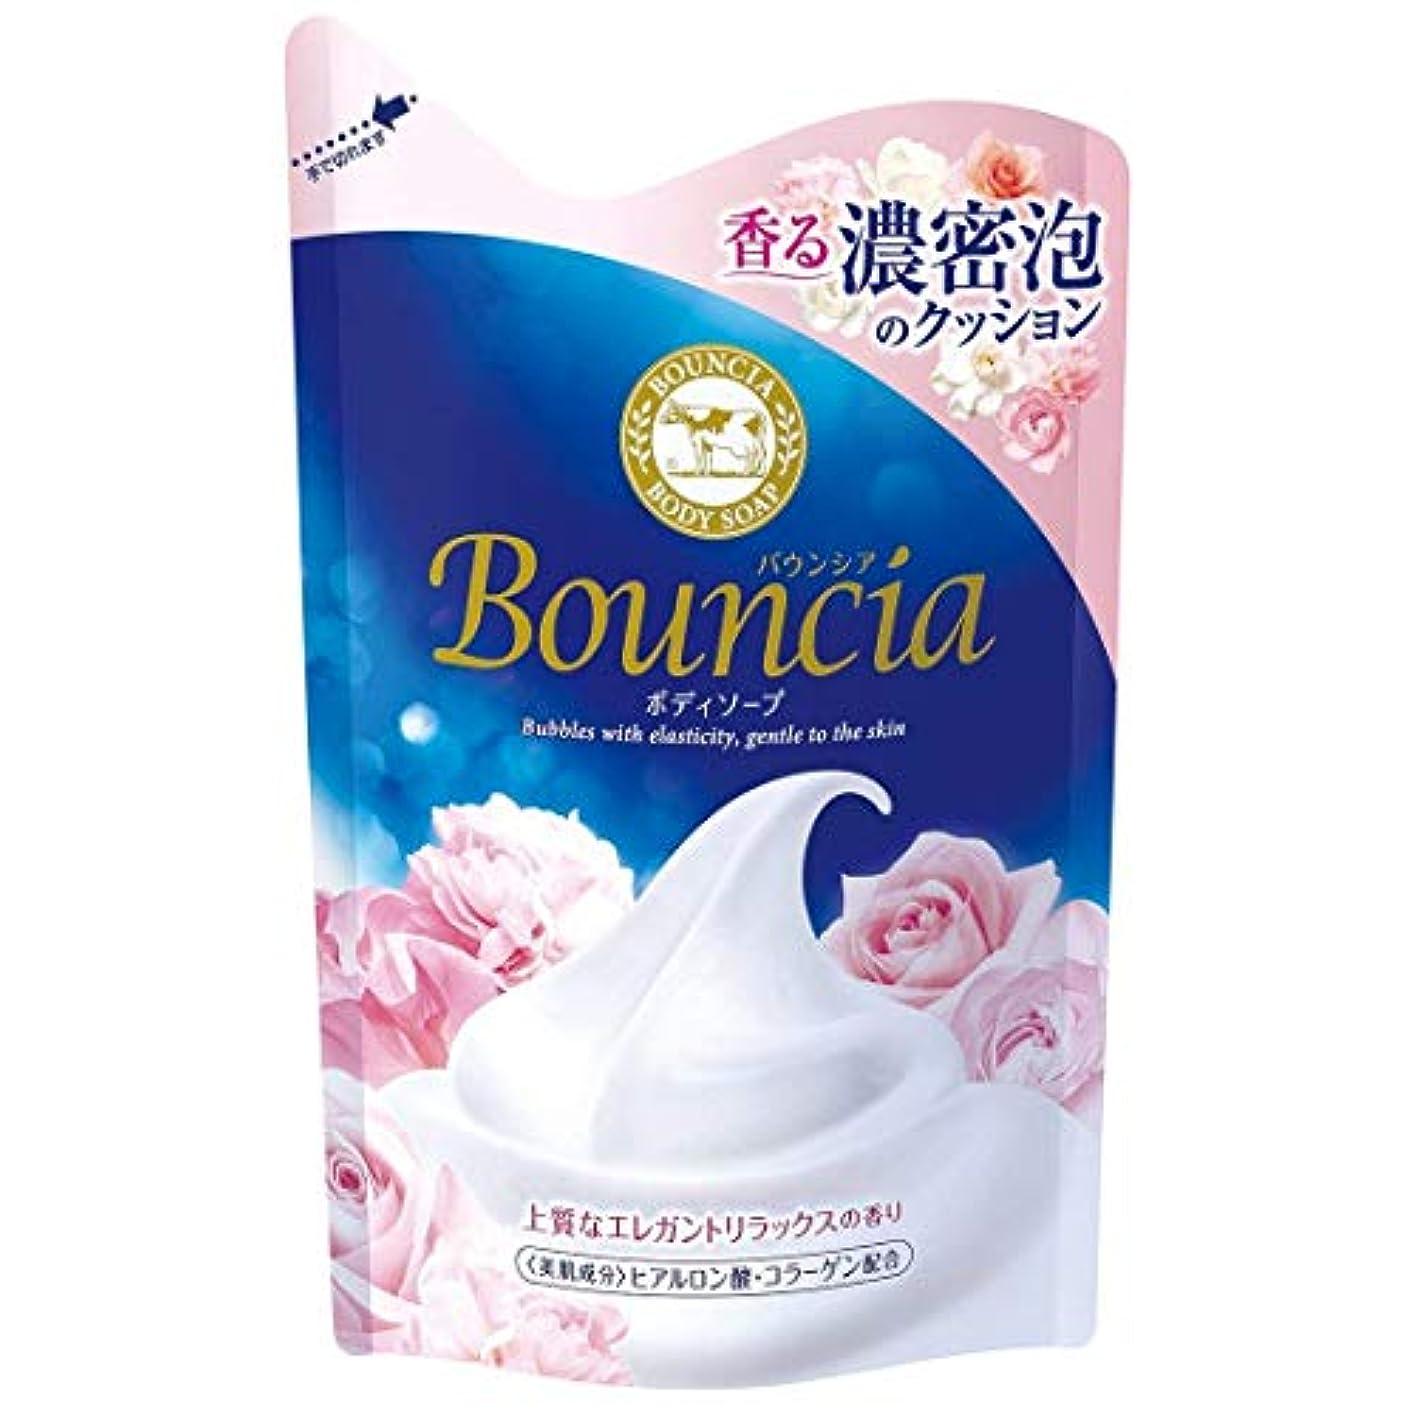 有効化ファランクス準備する【まとめ買い】 バウンシア ボディソープ エレガントリラックスの香り つめかえ用 430ml × 3個